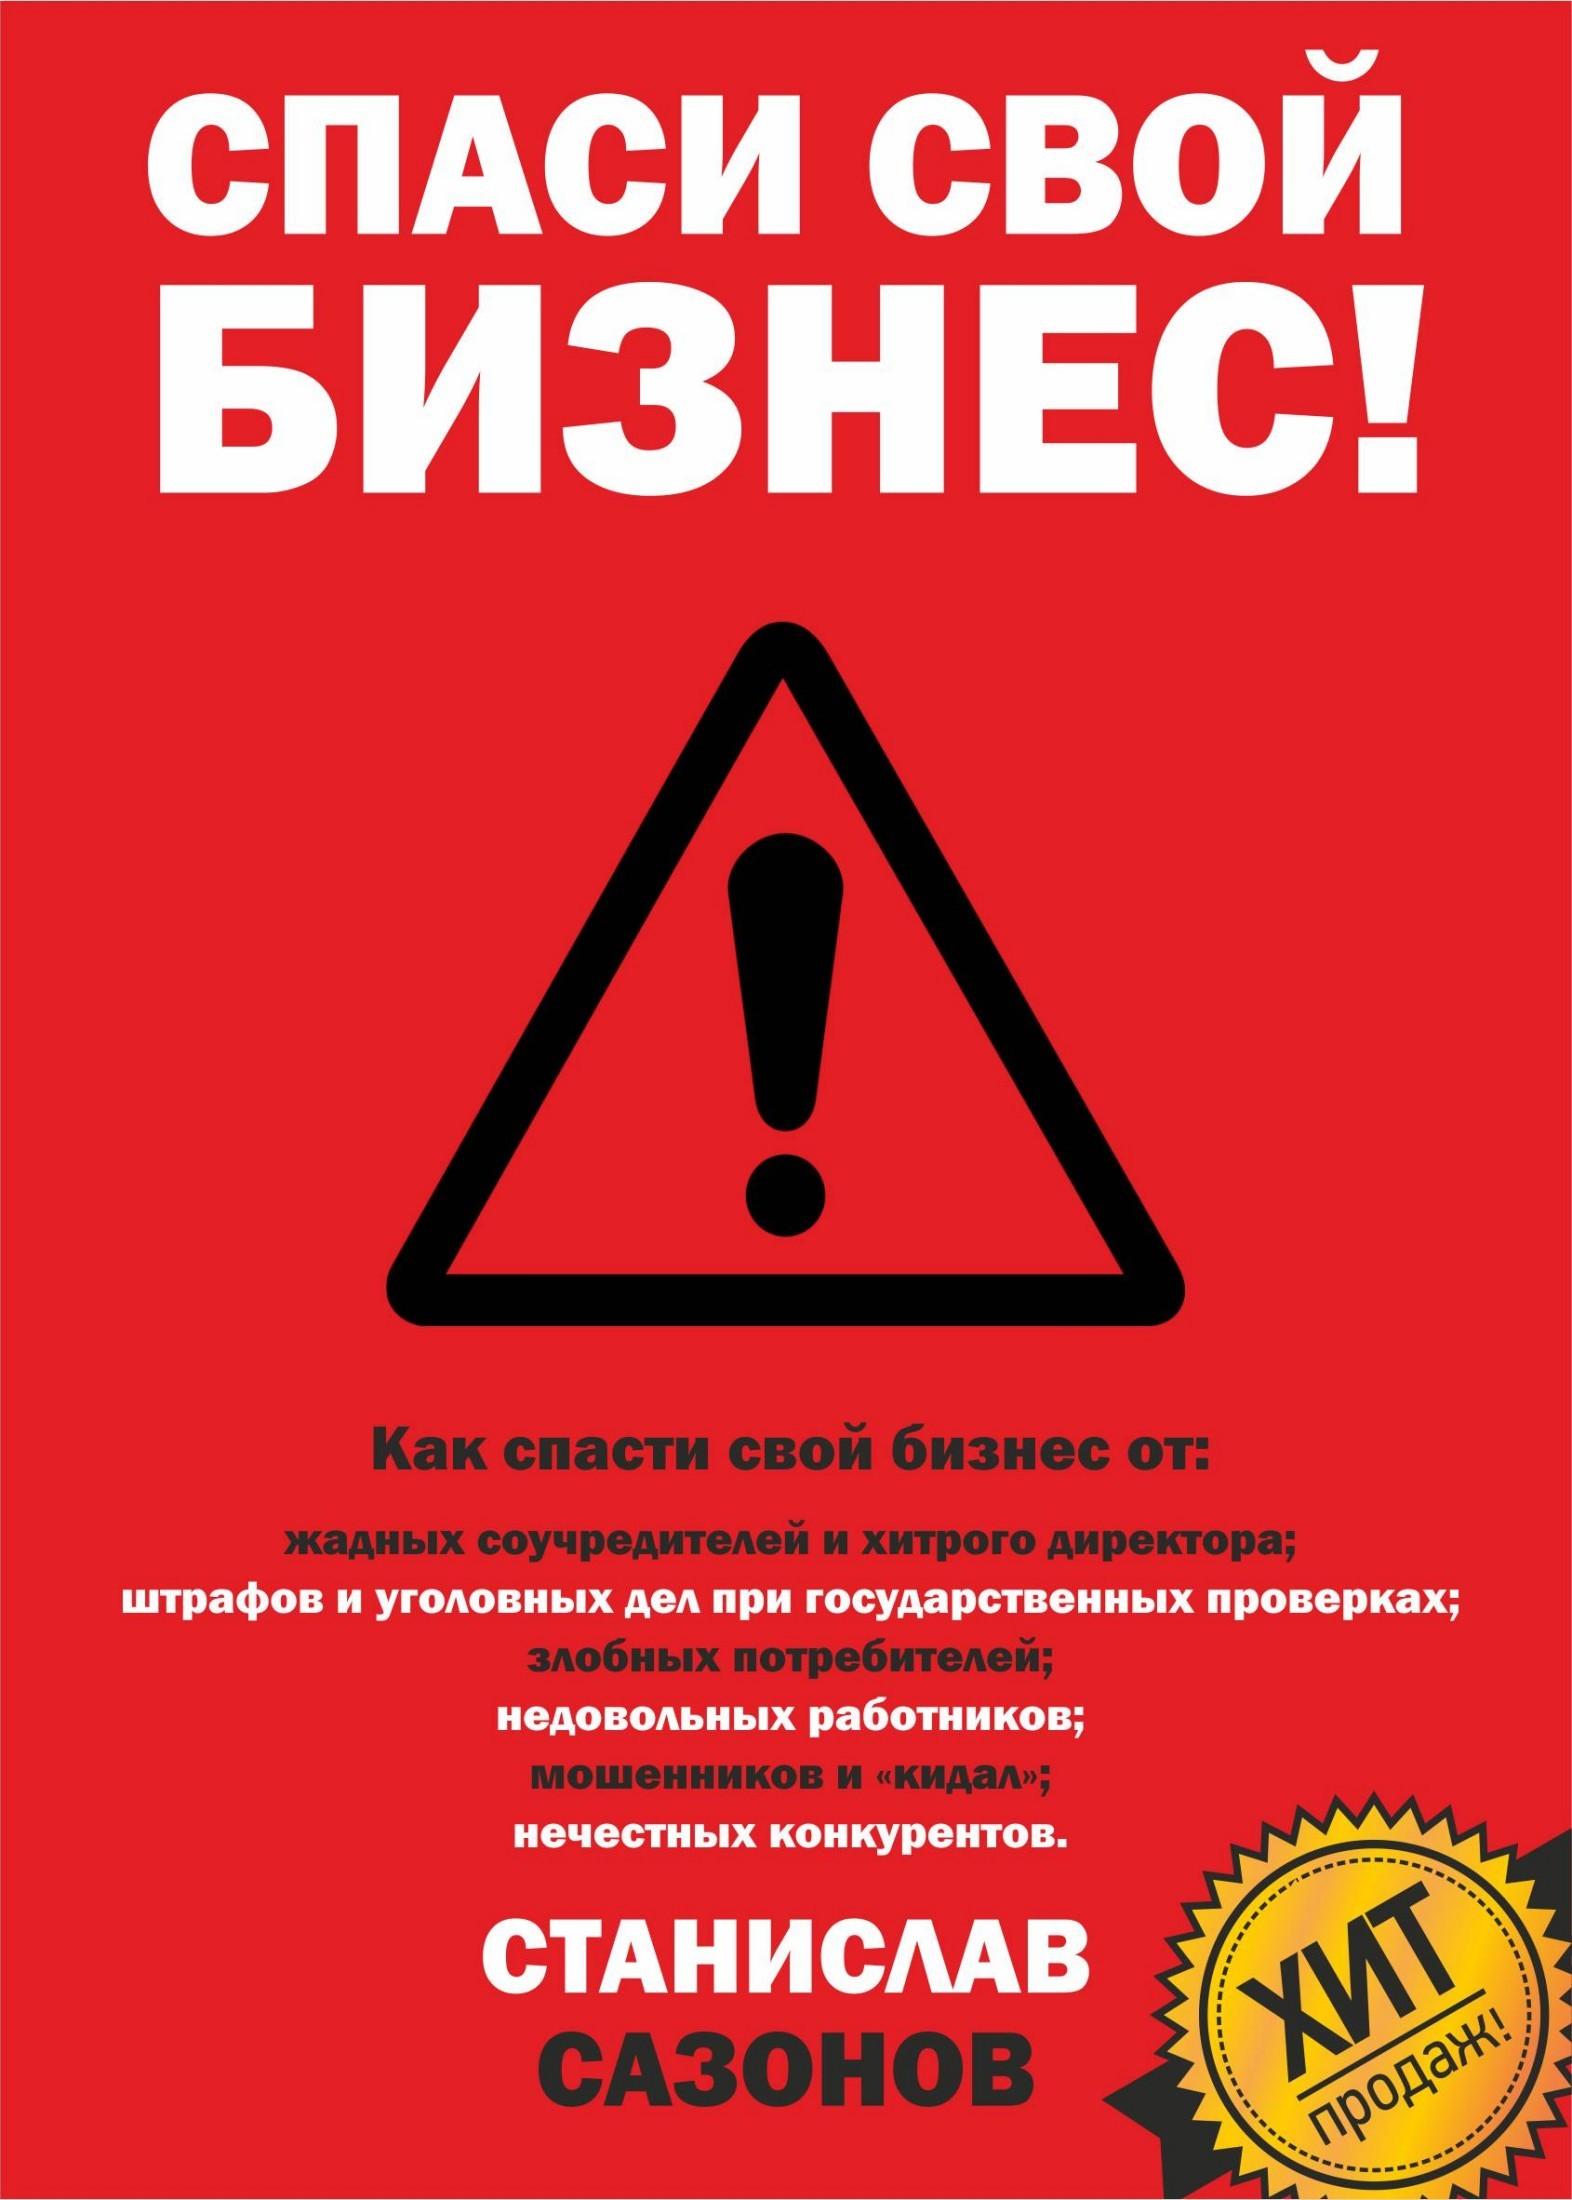 Спаси свой бизнес - Станислав Сазонов читать онлайн или скачать бесплатно fb2 epub txt rtf